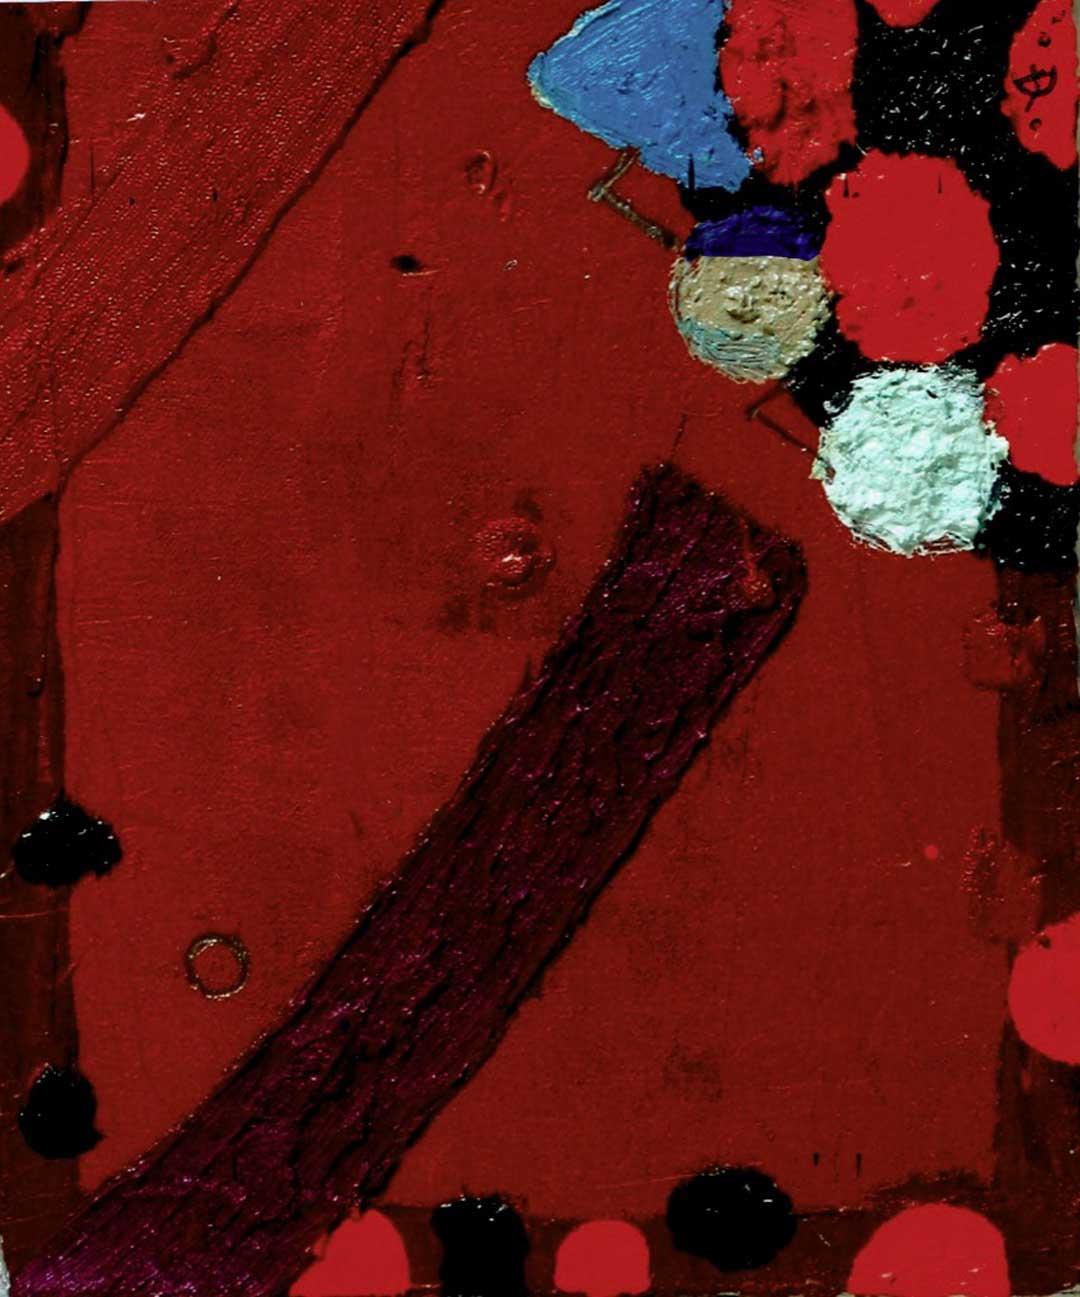 Eckhard Koenig Weltall_Erde_Mensch Malerei 1986 – 2019 25. Mai - 30. Juni 2019